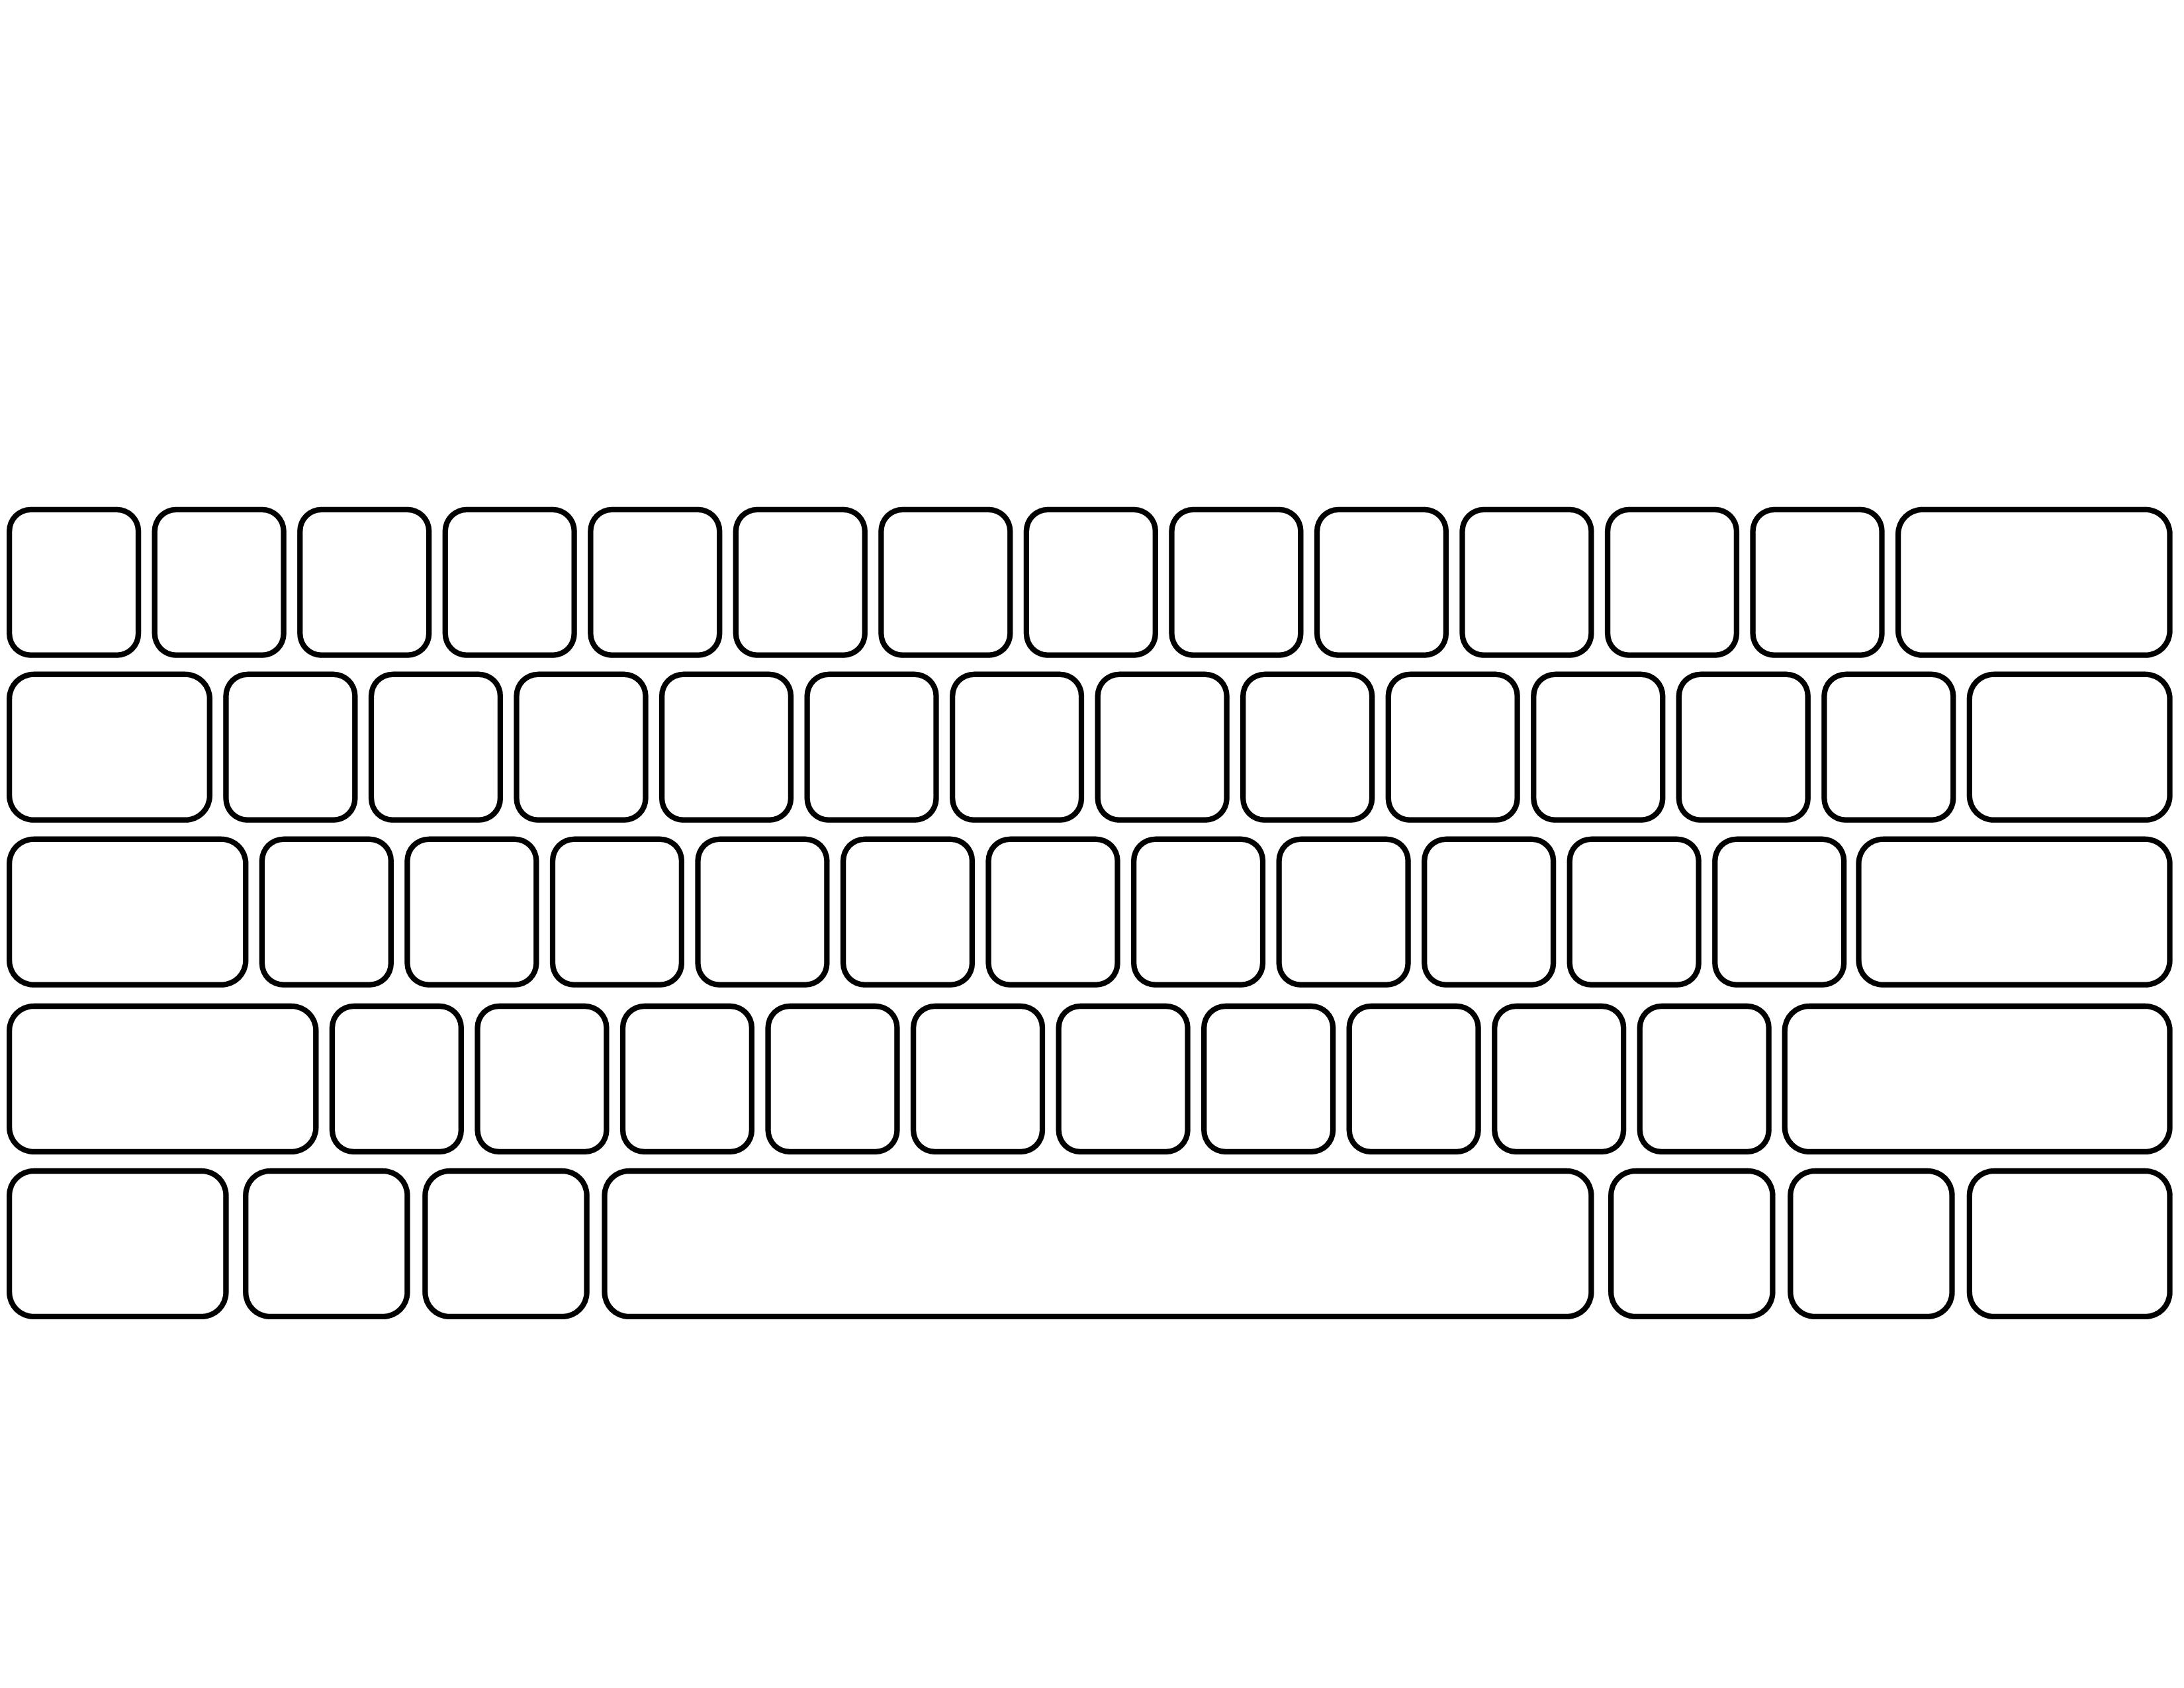 Blank Keyboard Template